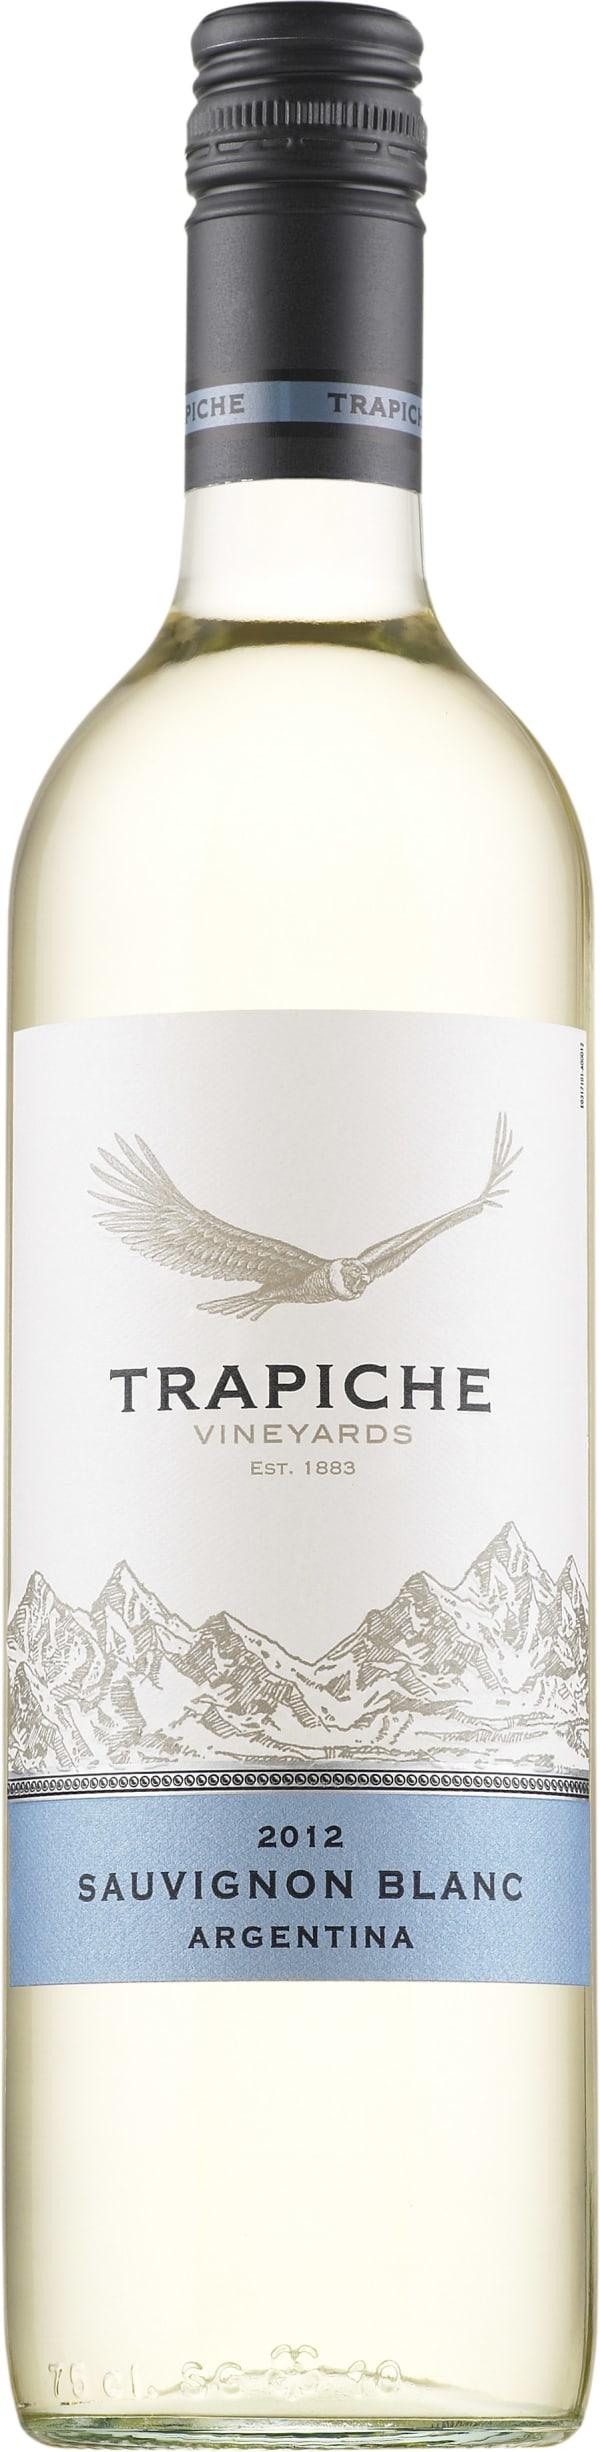 Trapiche Sauvignon Blanc 2016